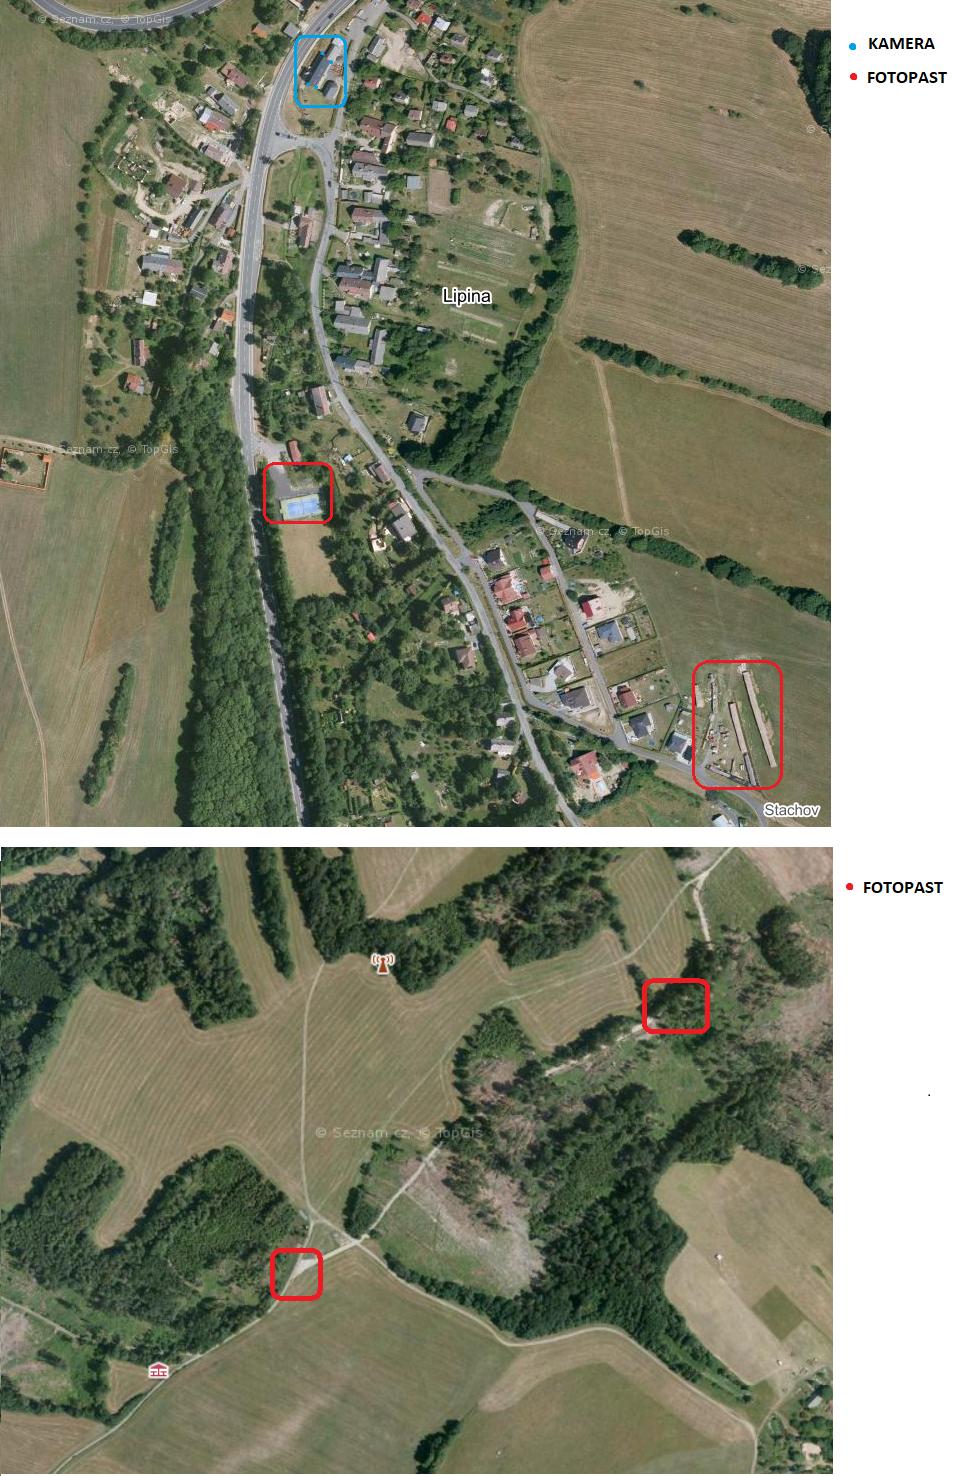 Mapa umístění kamer a fotopastí